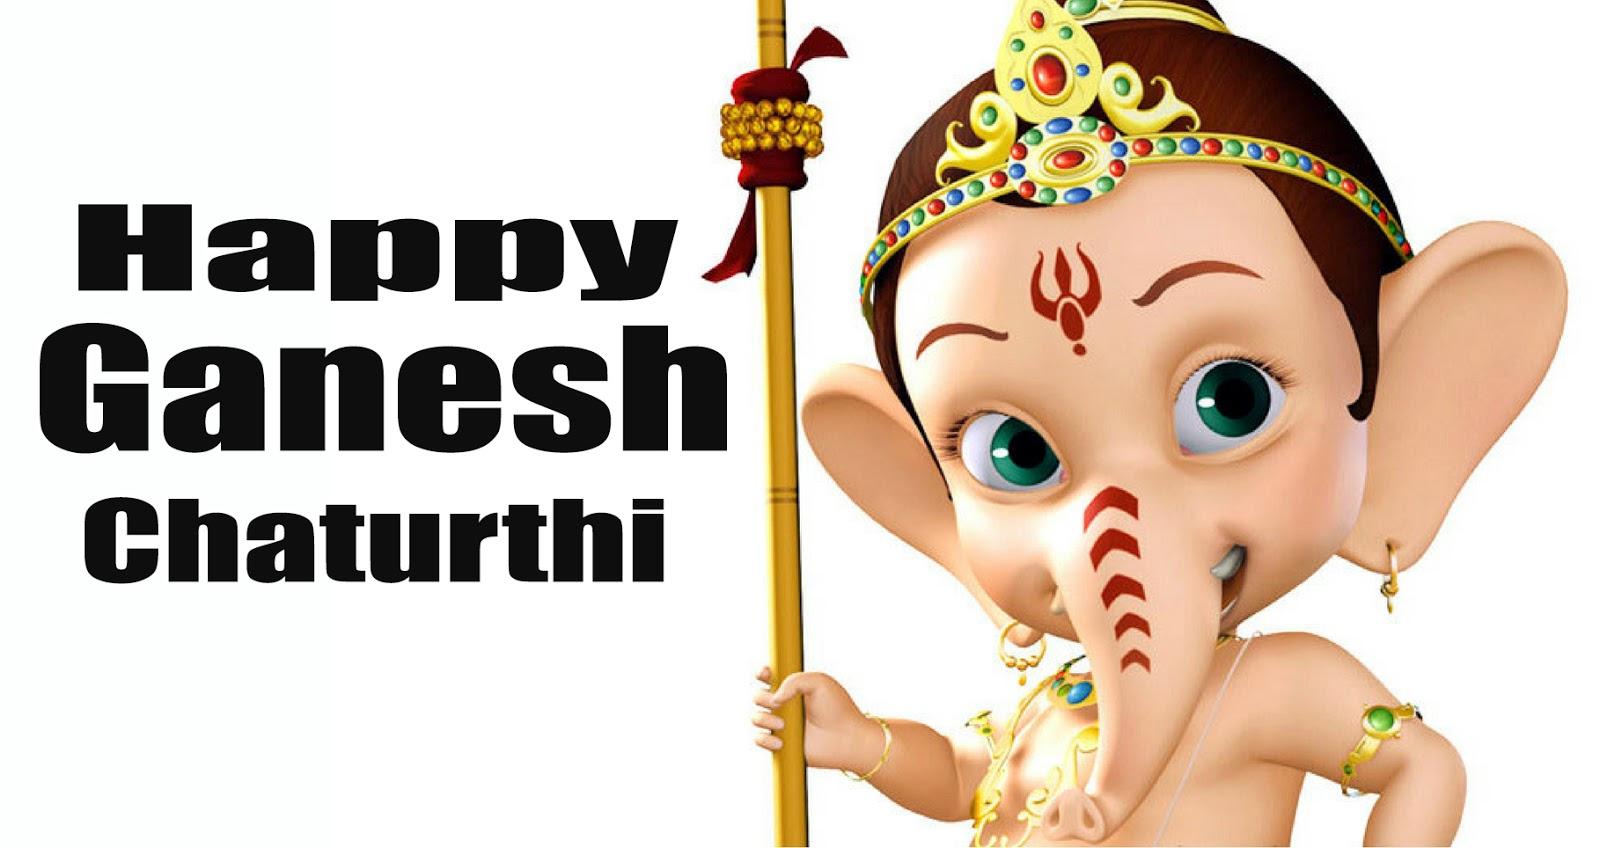 ganesh chaturthi images, ganesh chaturthi, ganesh chaturthi wallpaper